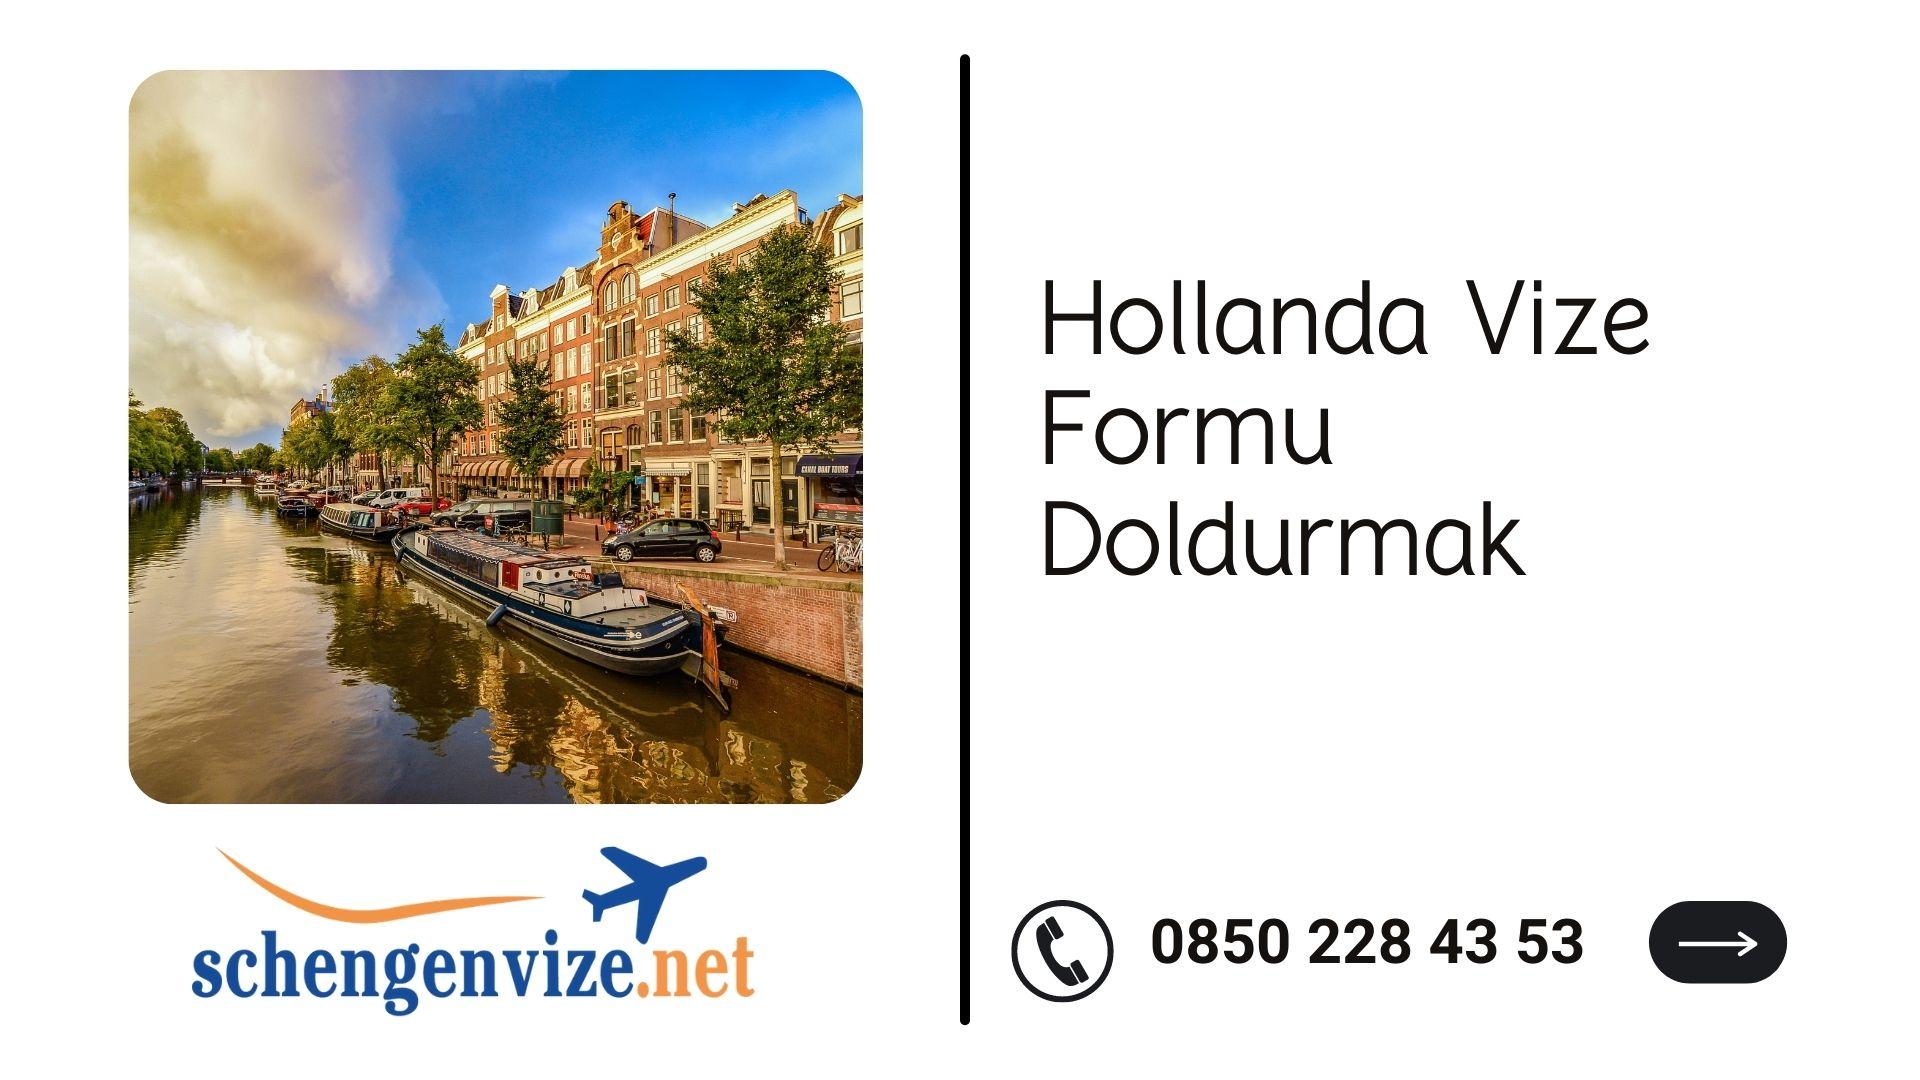 Hollanda Vize Formu Doldurmak